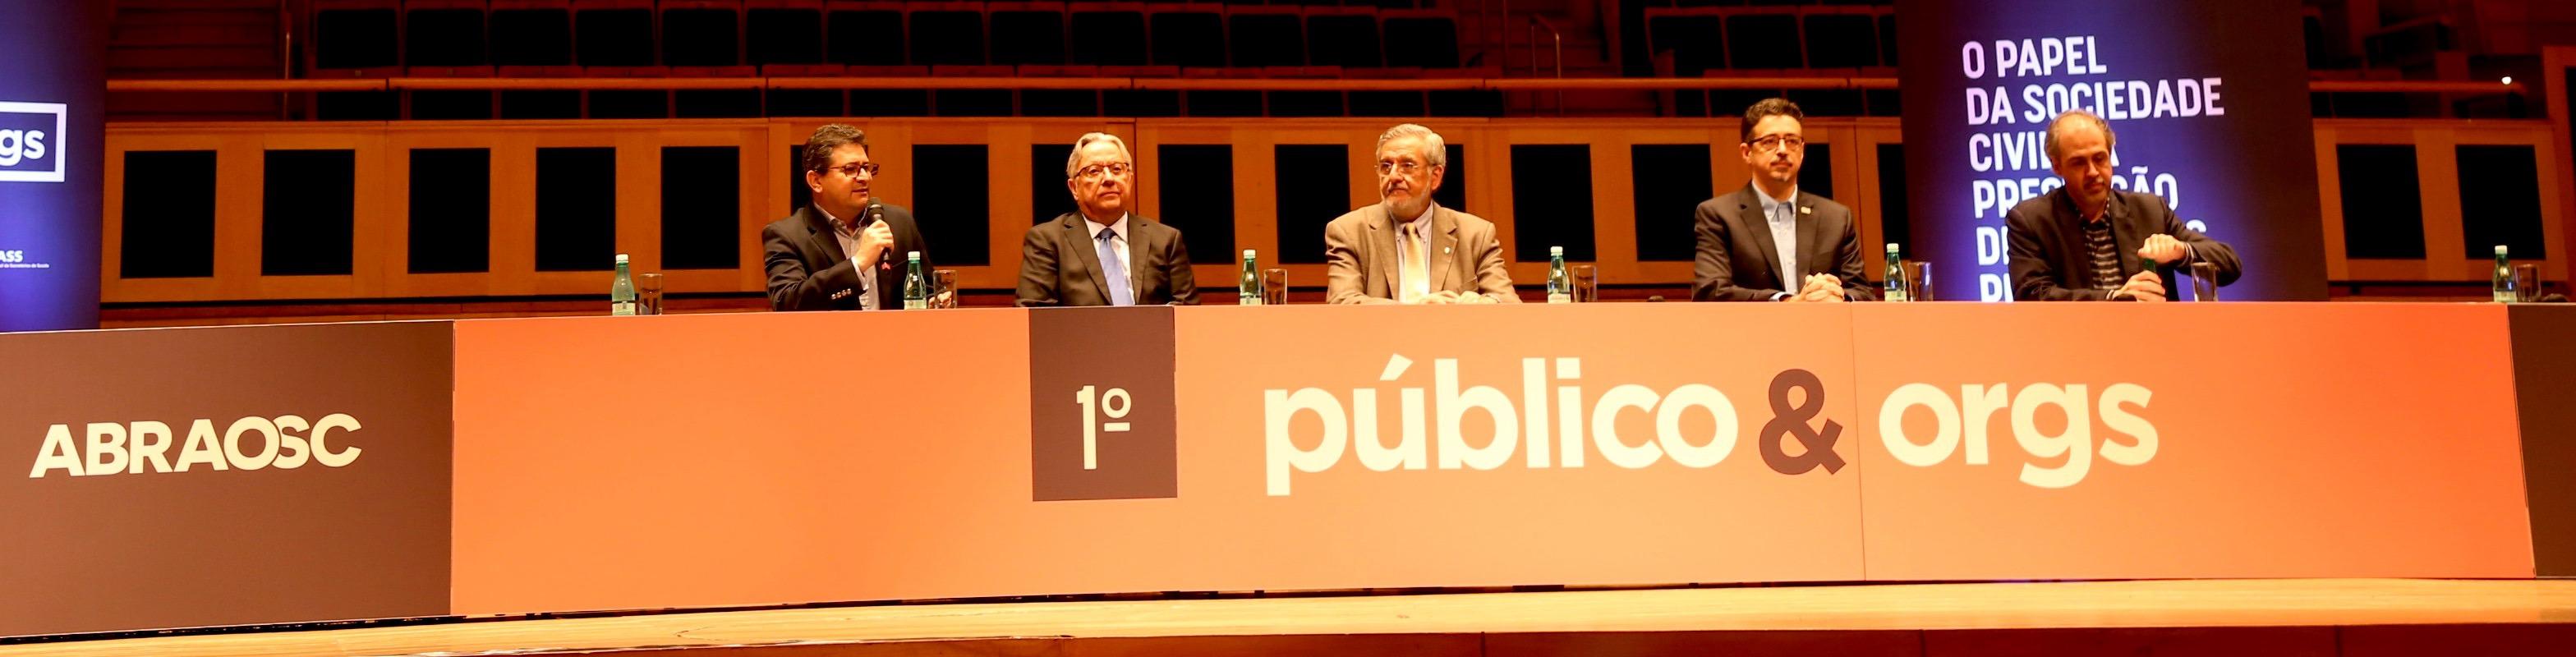 1º Público&Orgs reúne especialistas e discute a atuação da sociedade civil organizada nos serviços públicos